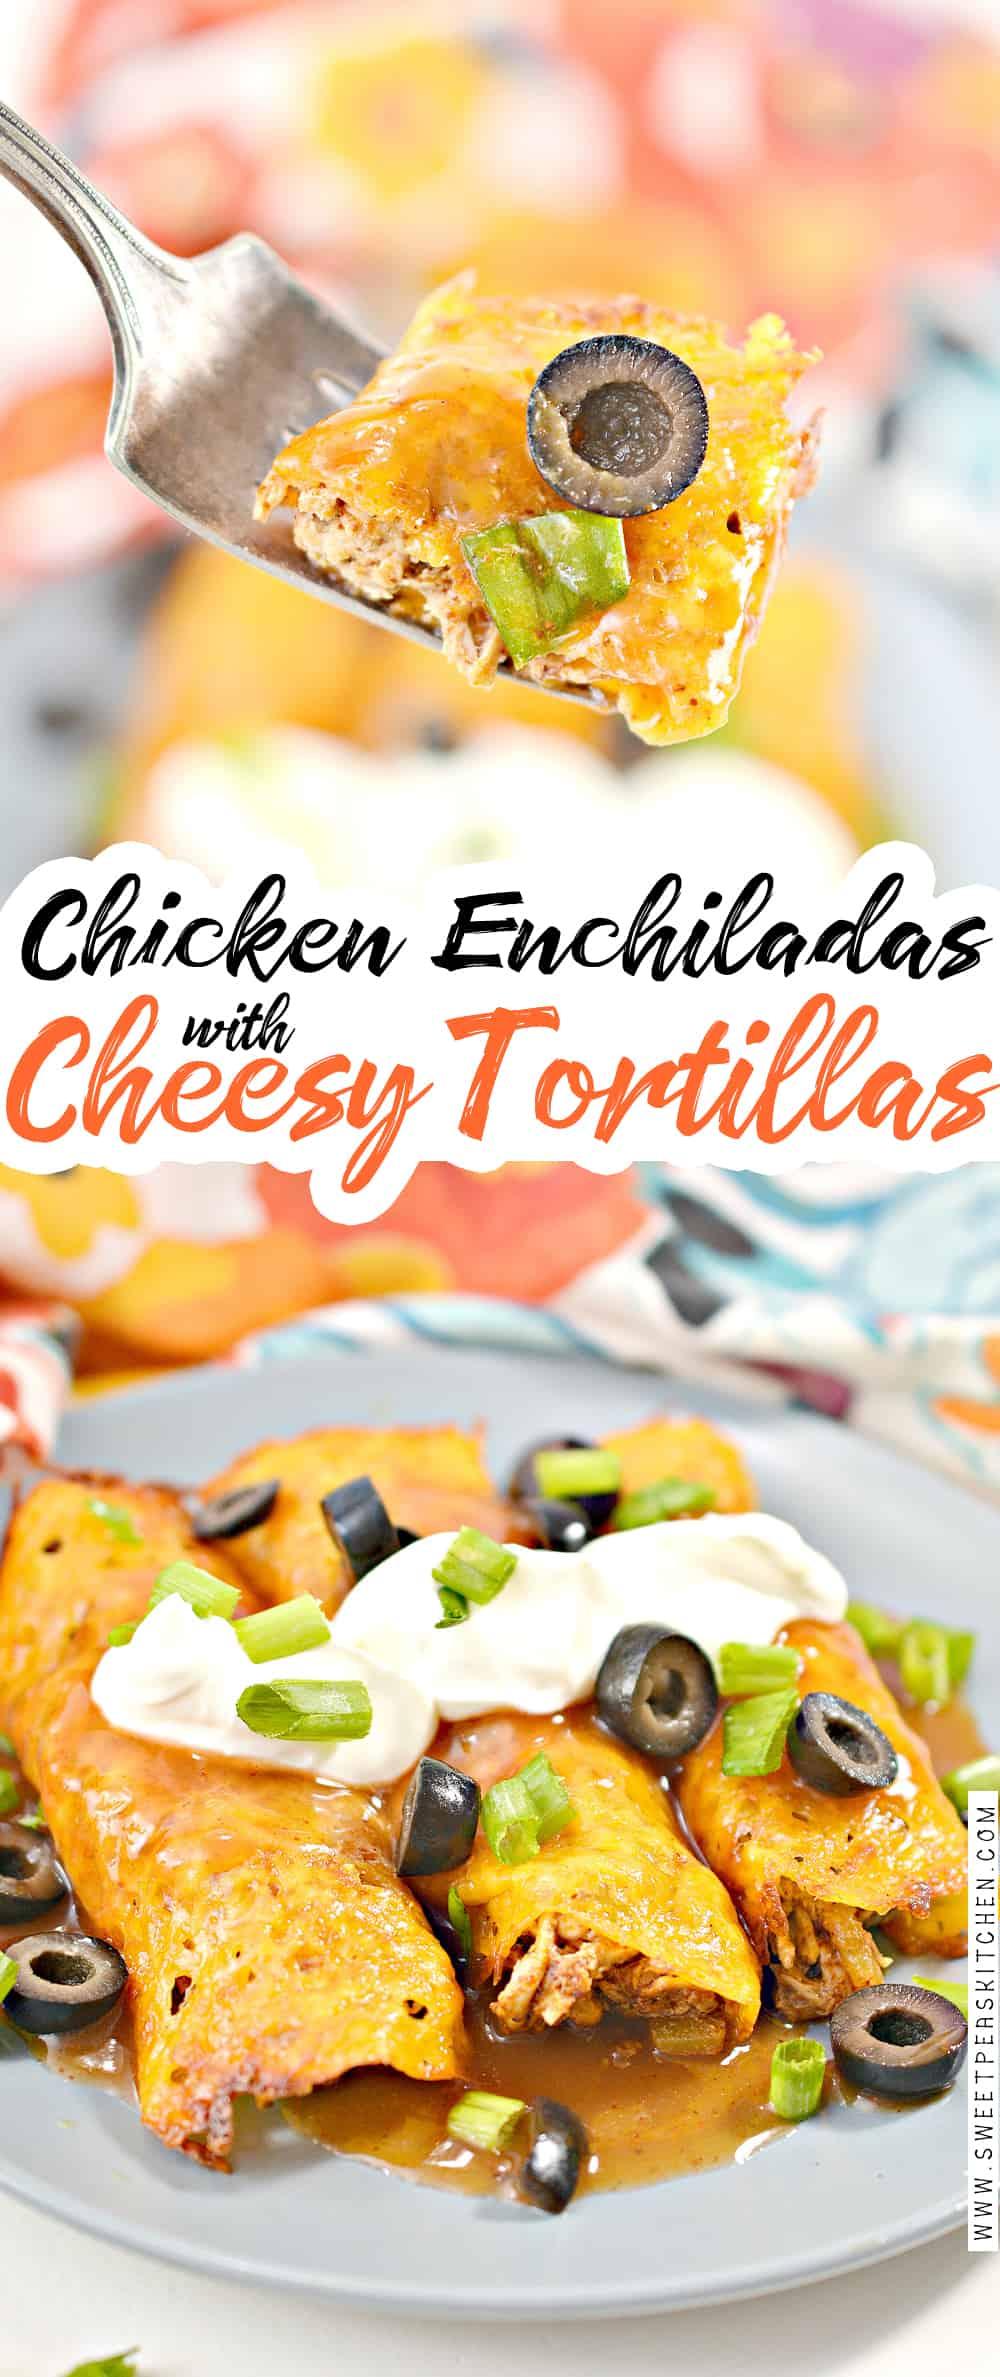 Chicken Enchiladas with Cheesy Tortillas